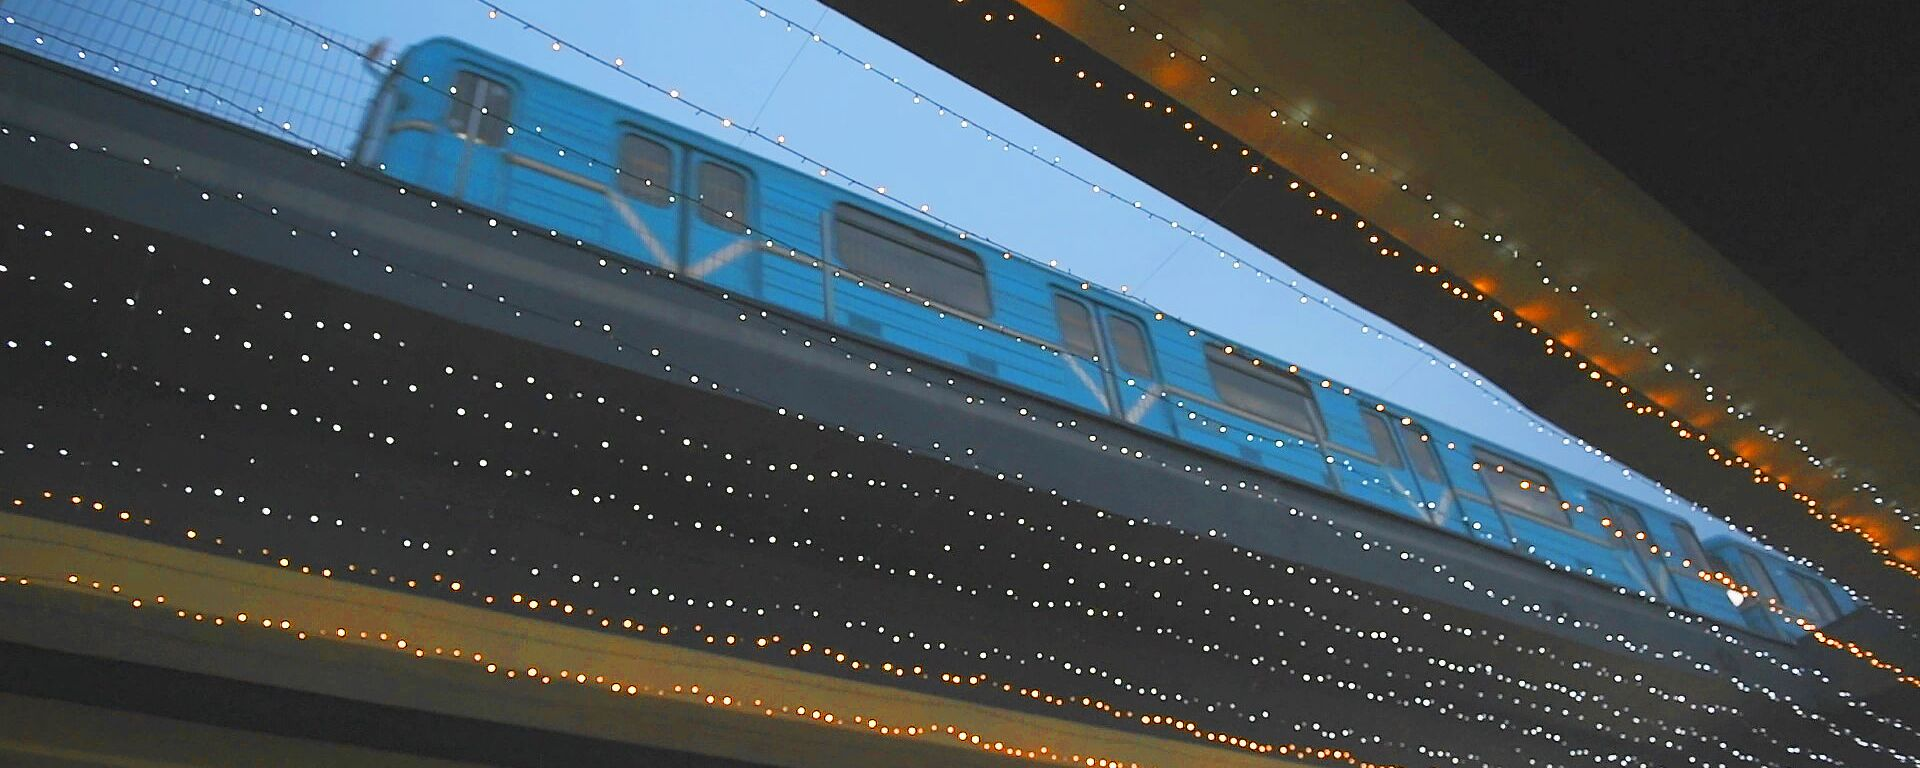 Открылась Сергелийская линия метро: первые впечатления  - Sputnik Узбекистан, 1920, 26.12.2020